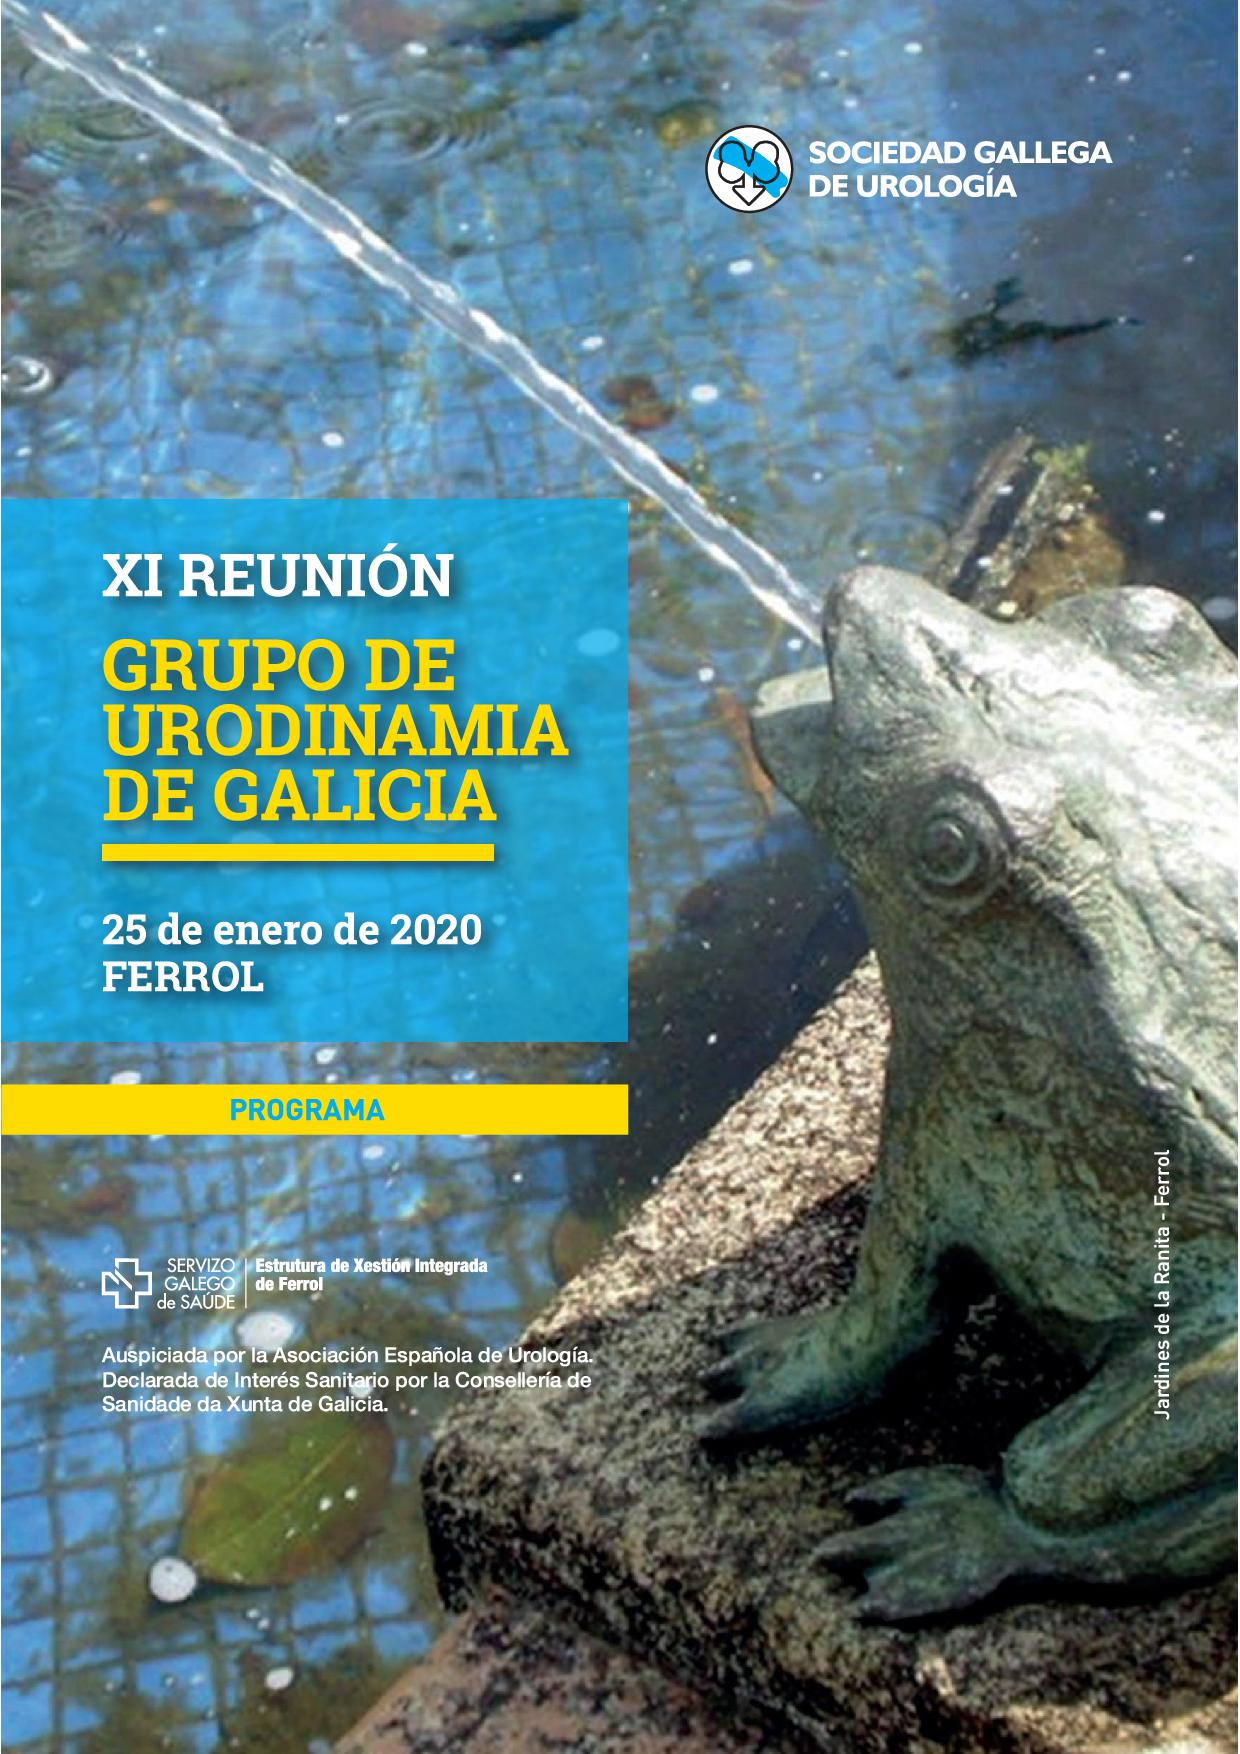 XI Reunión del Grupo de Urodinamia de Galicia